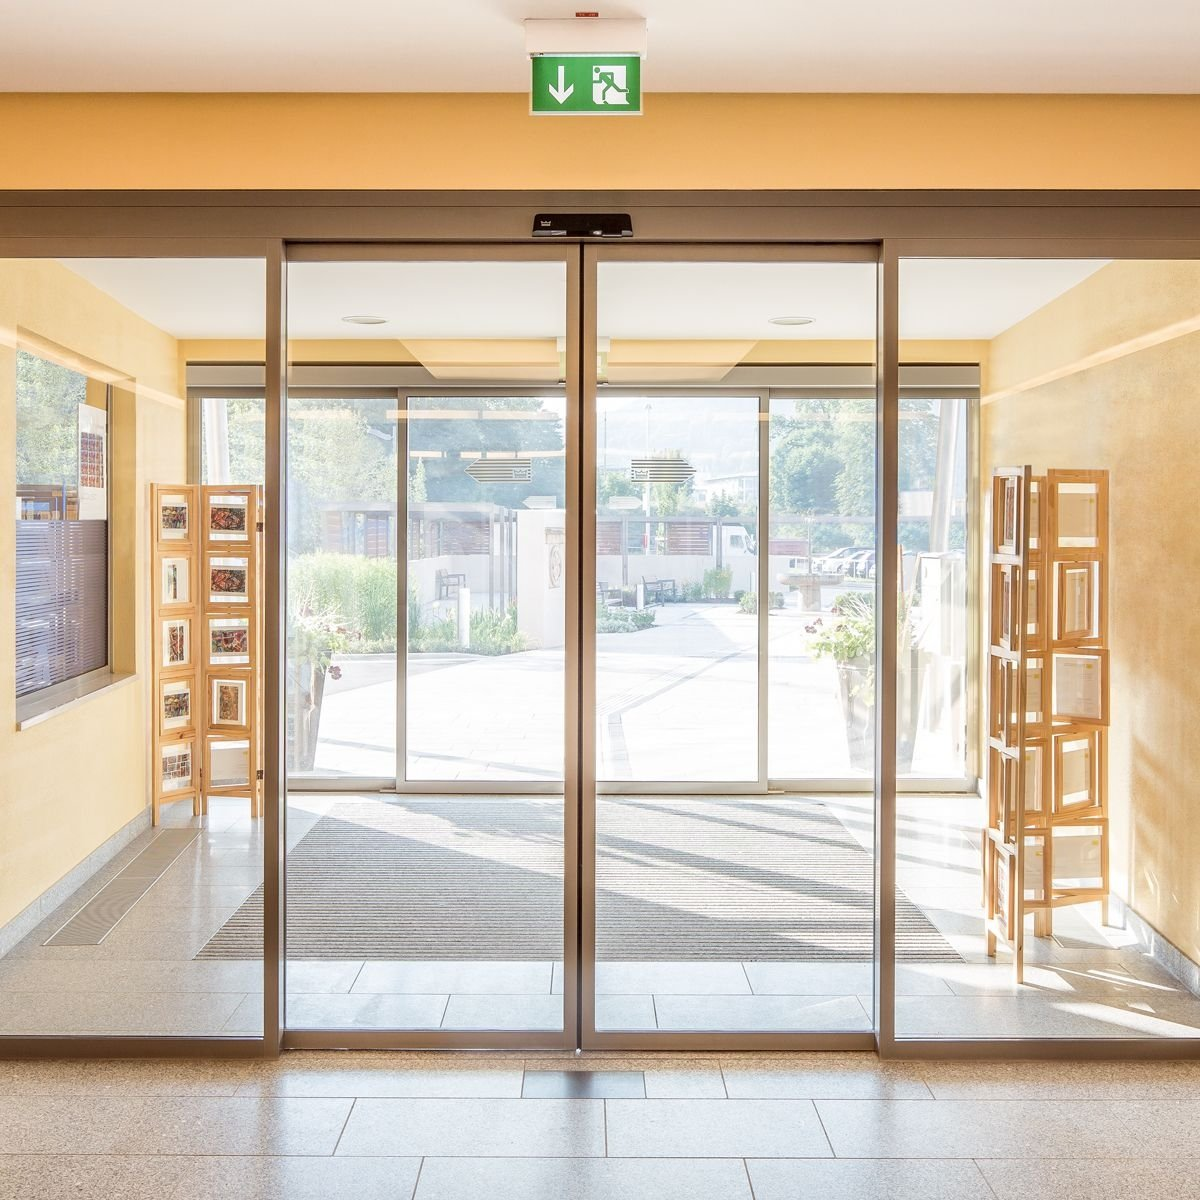 Раздвижные двери Dorma для офисного здания